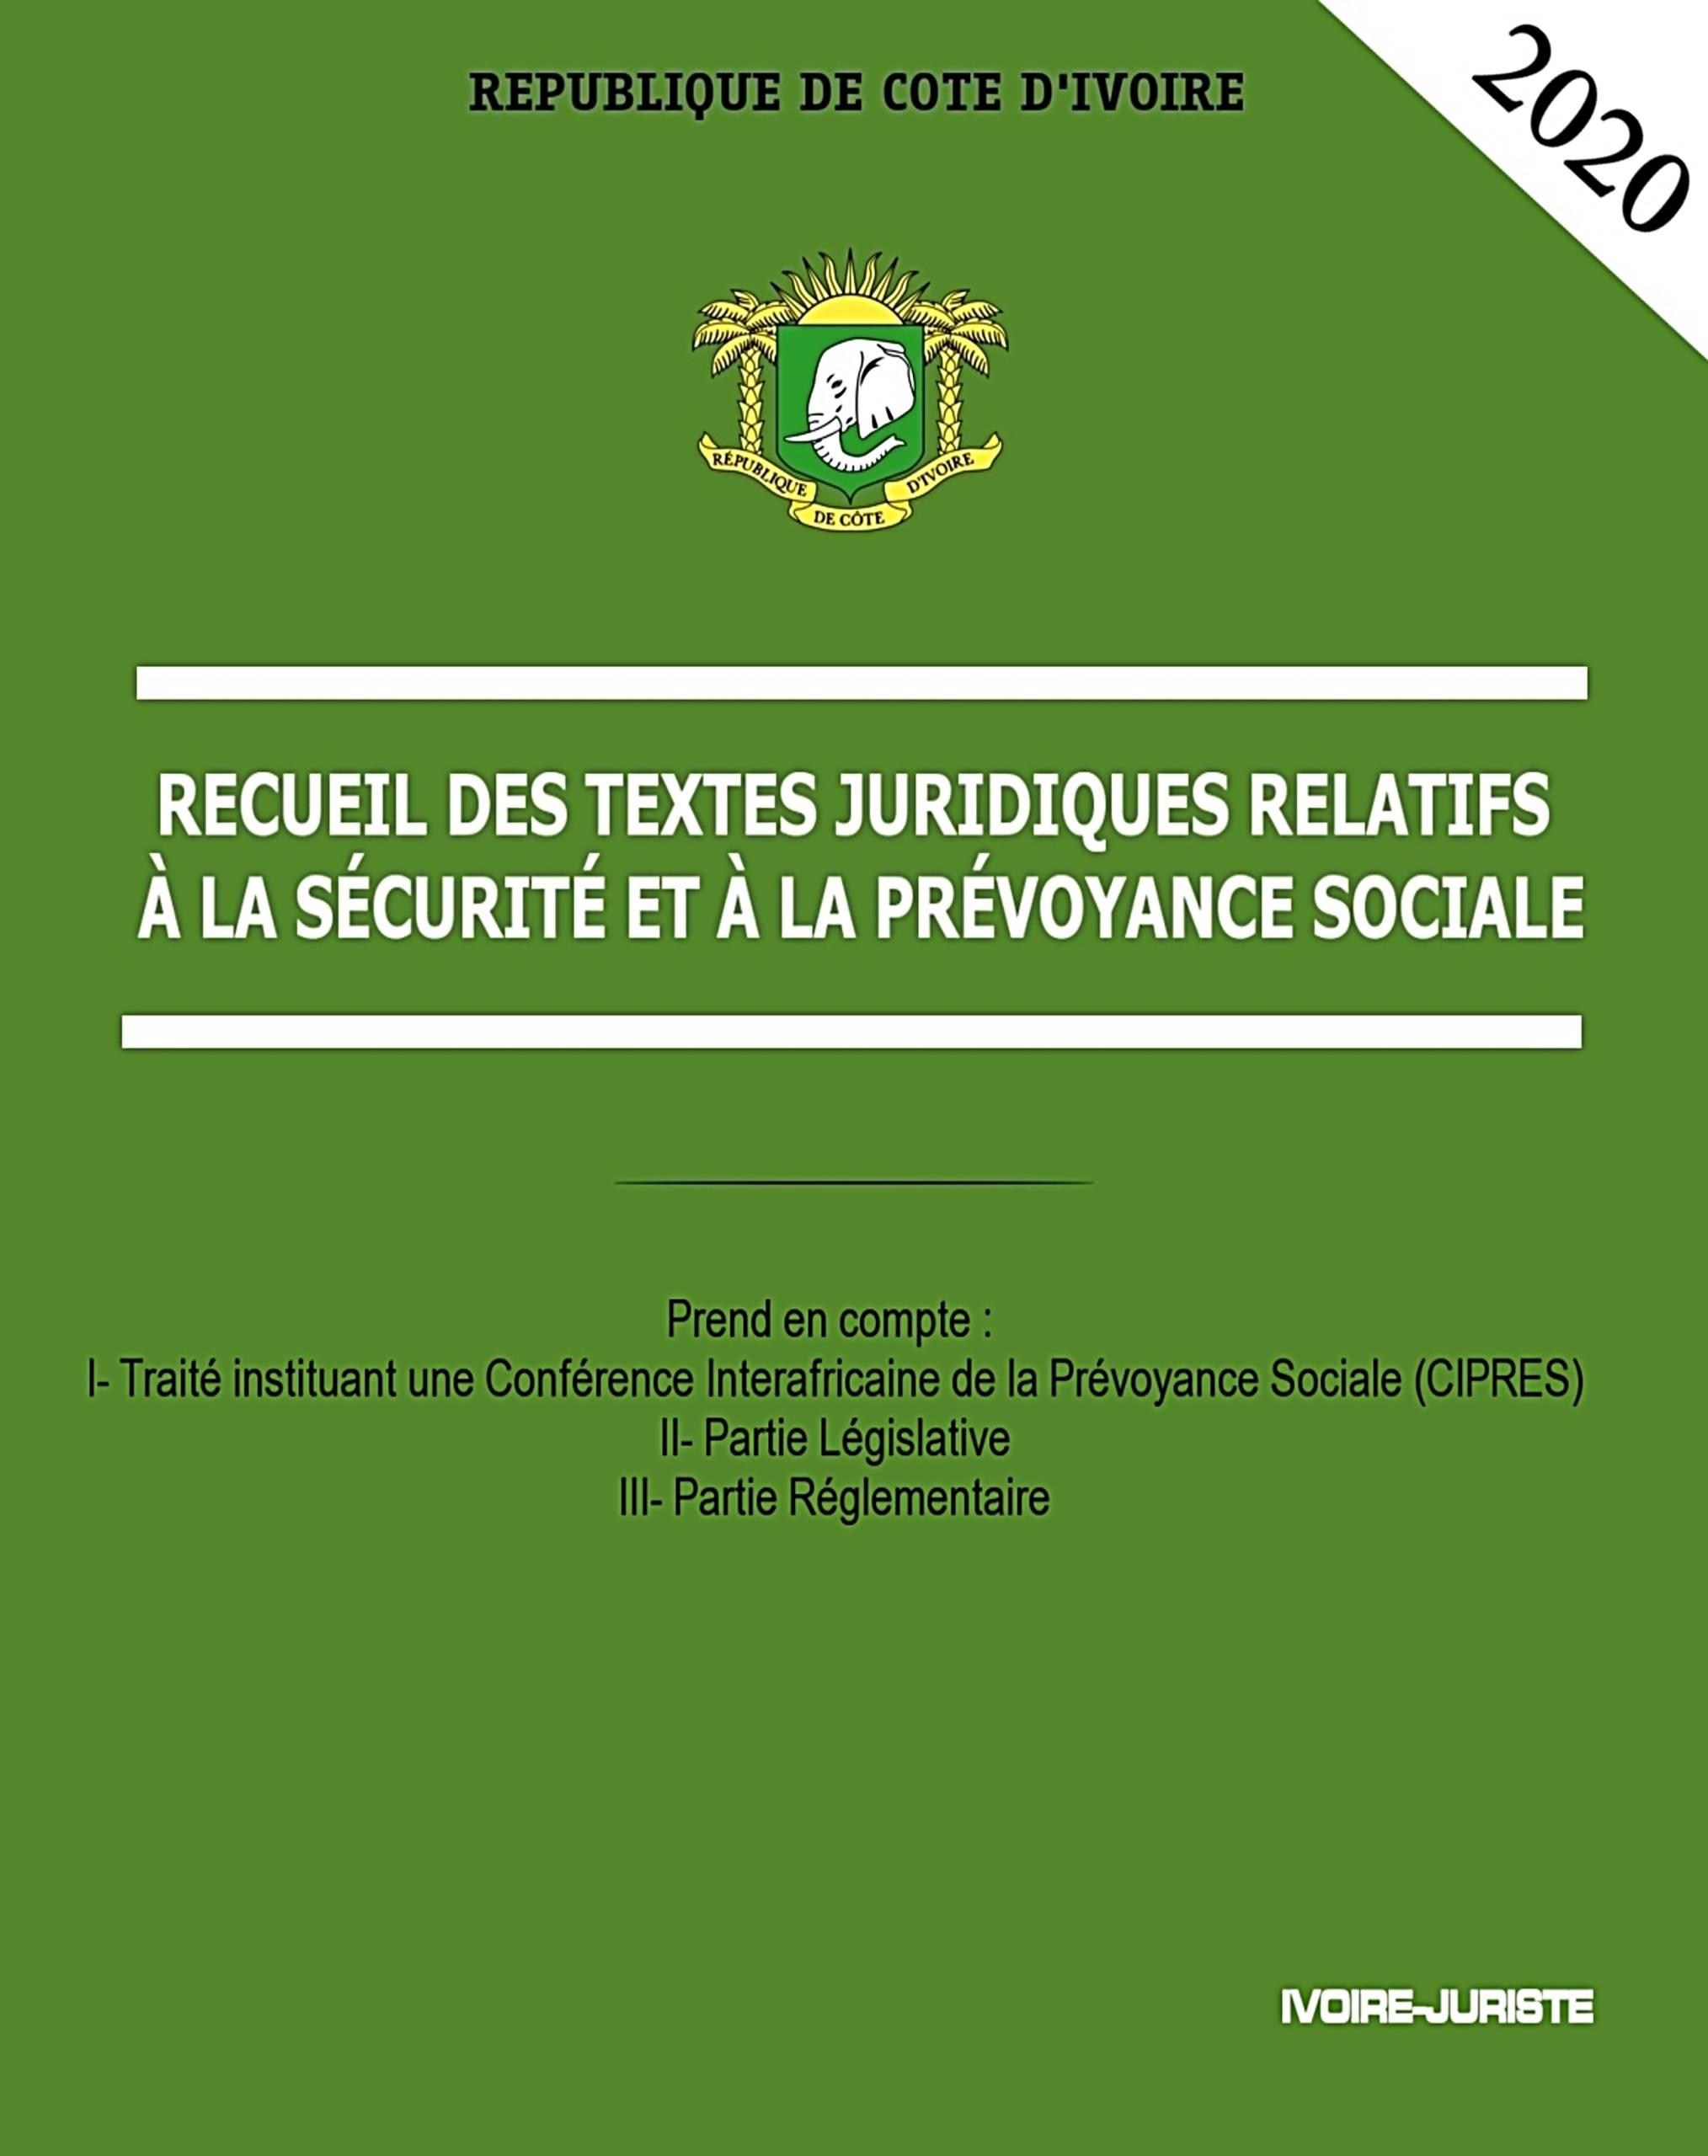 Textes Juridiques relatifs à la sécurité et la prévoyance sociale